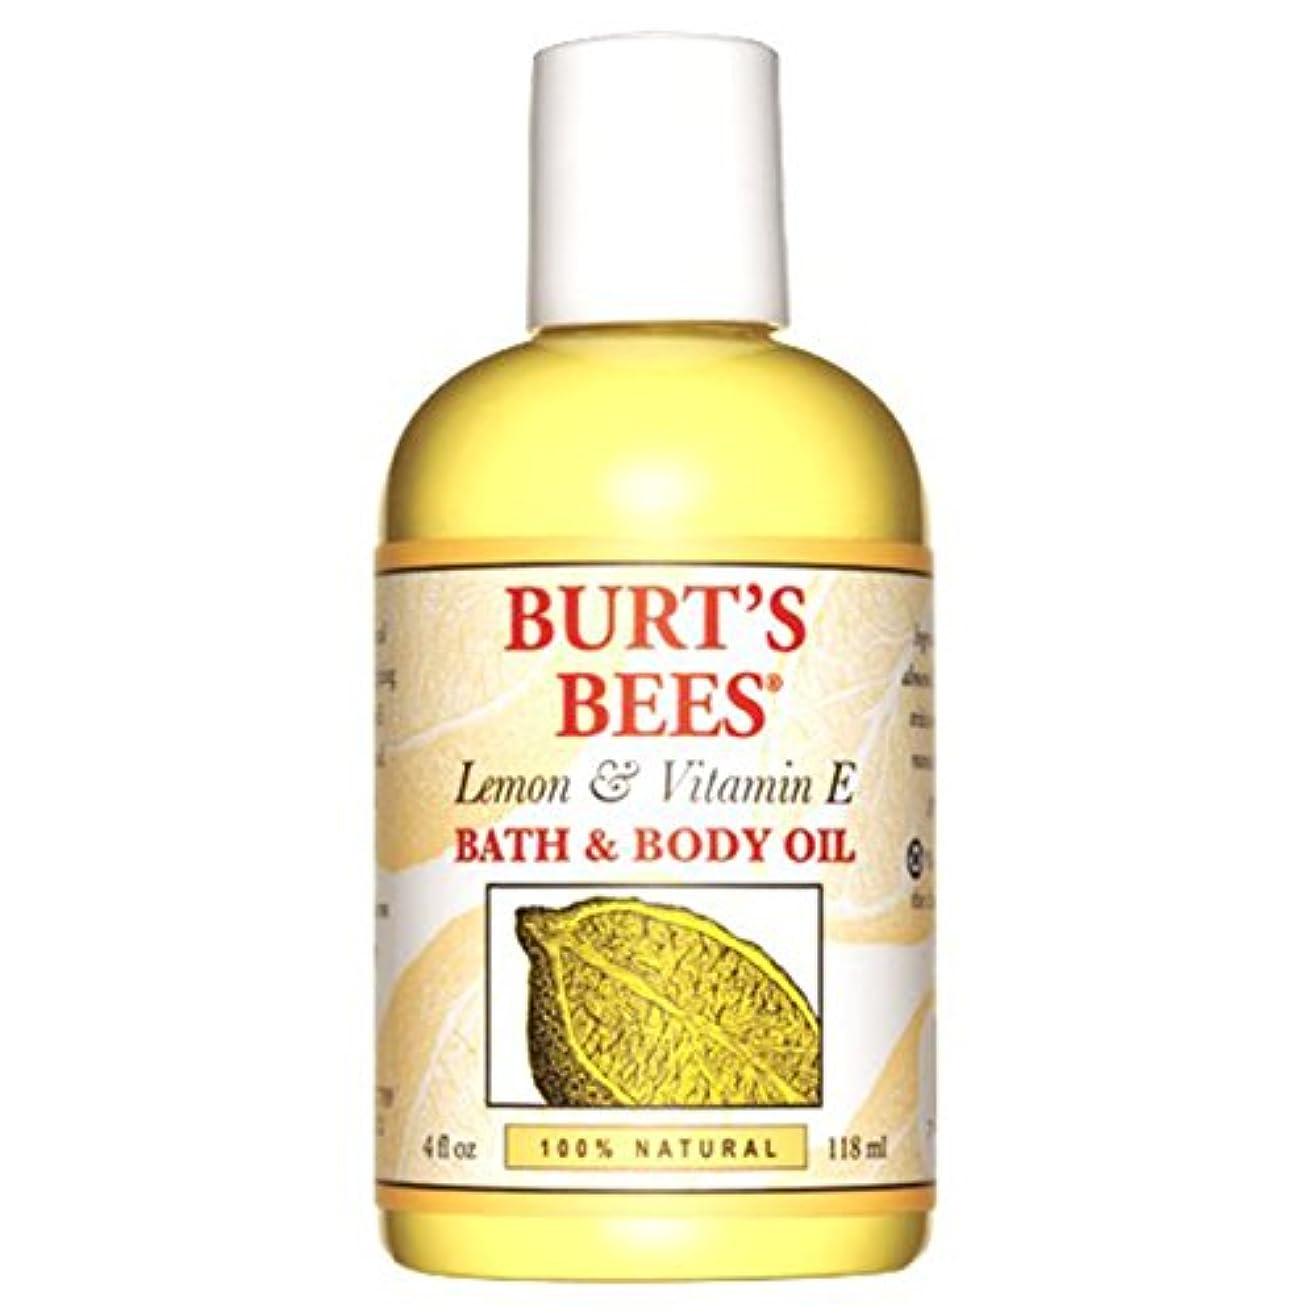 風変わりなオーディション製油所バーツビーズ (Burt's Bees) L&E バス&ボディオイル 118ml